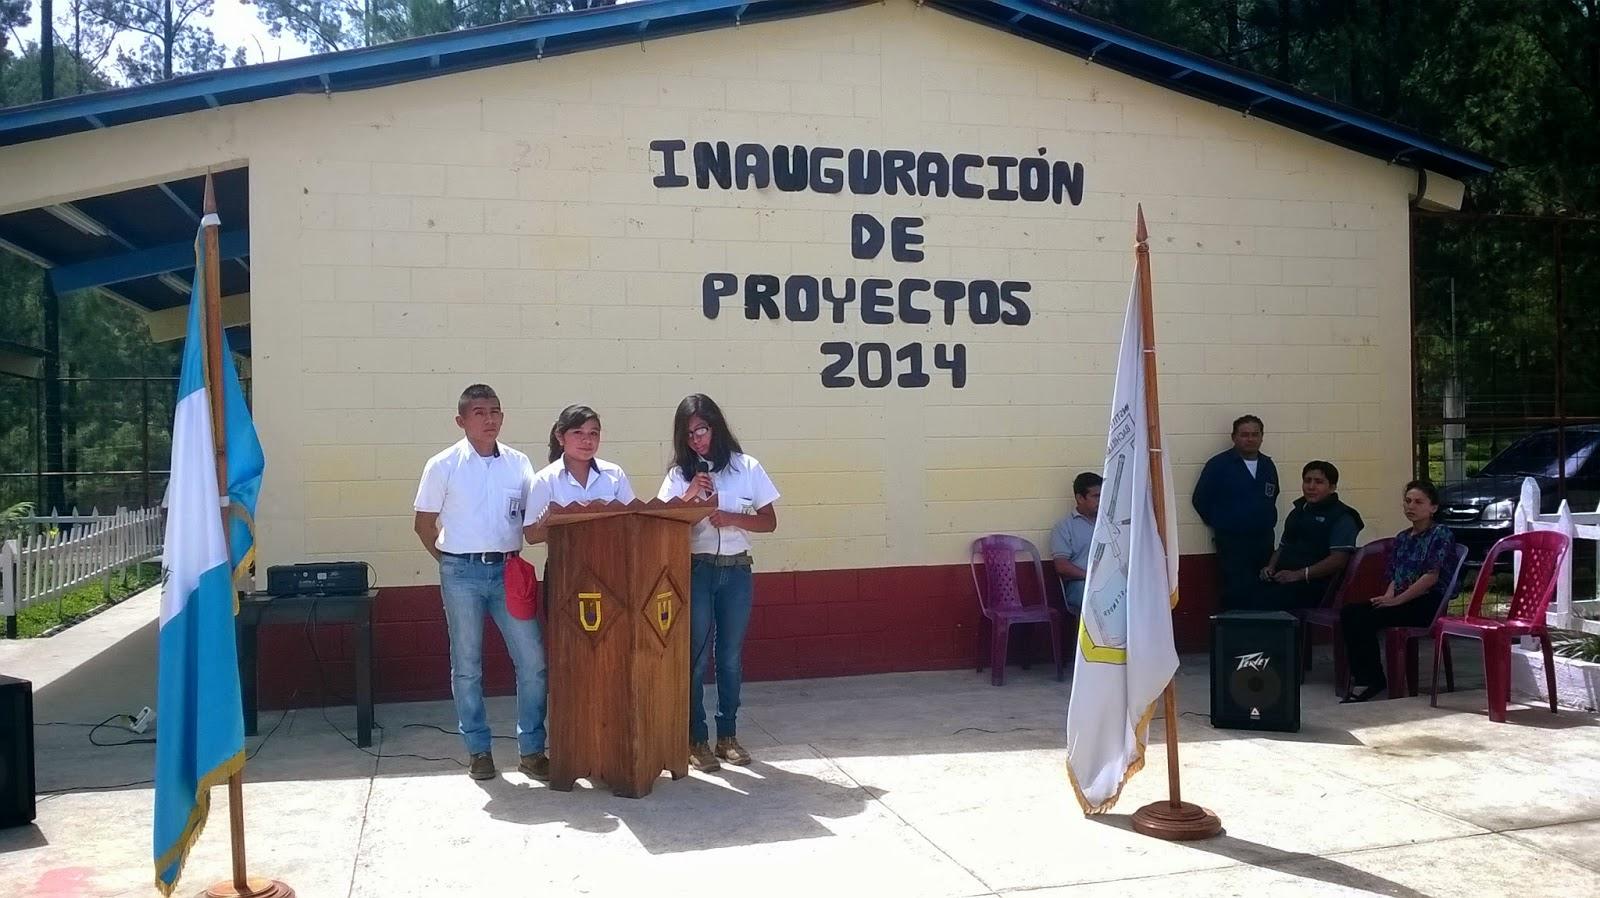 Inauguraci n de proyectos 2014 itdbc - Tecnico en construccion ...